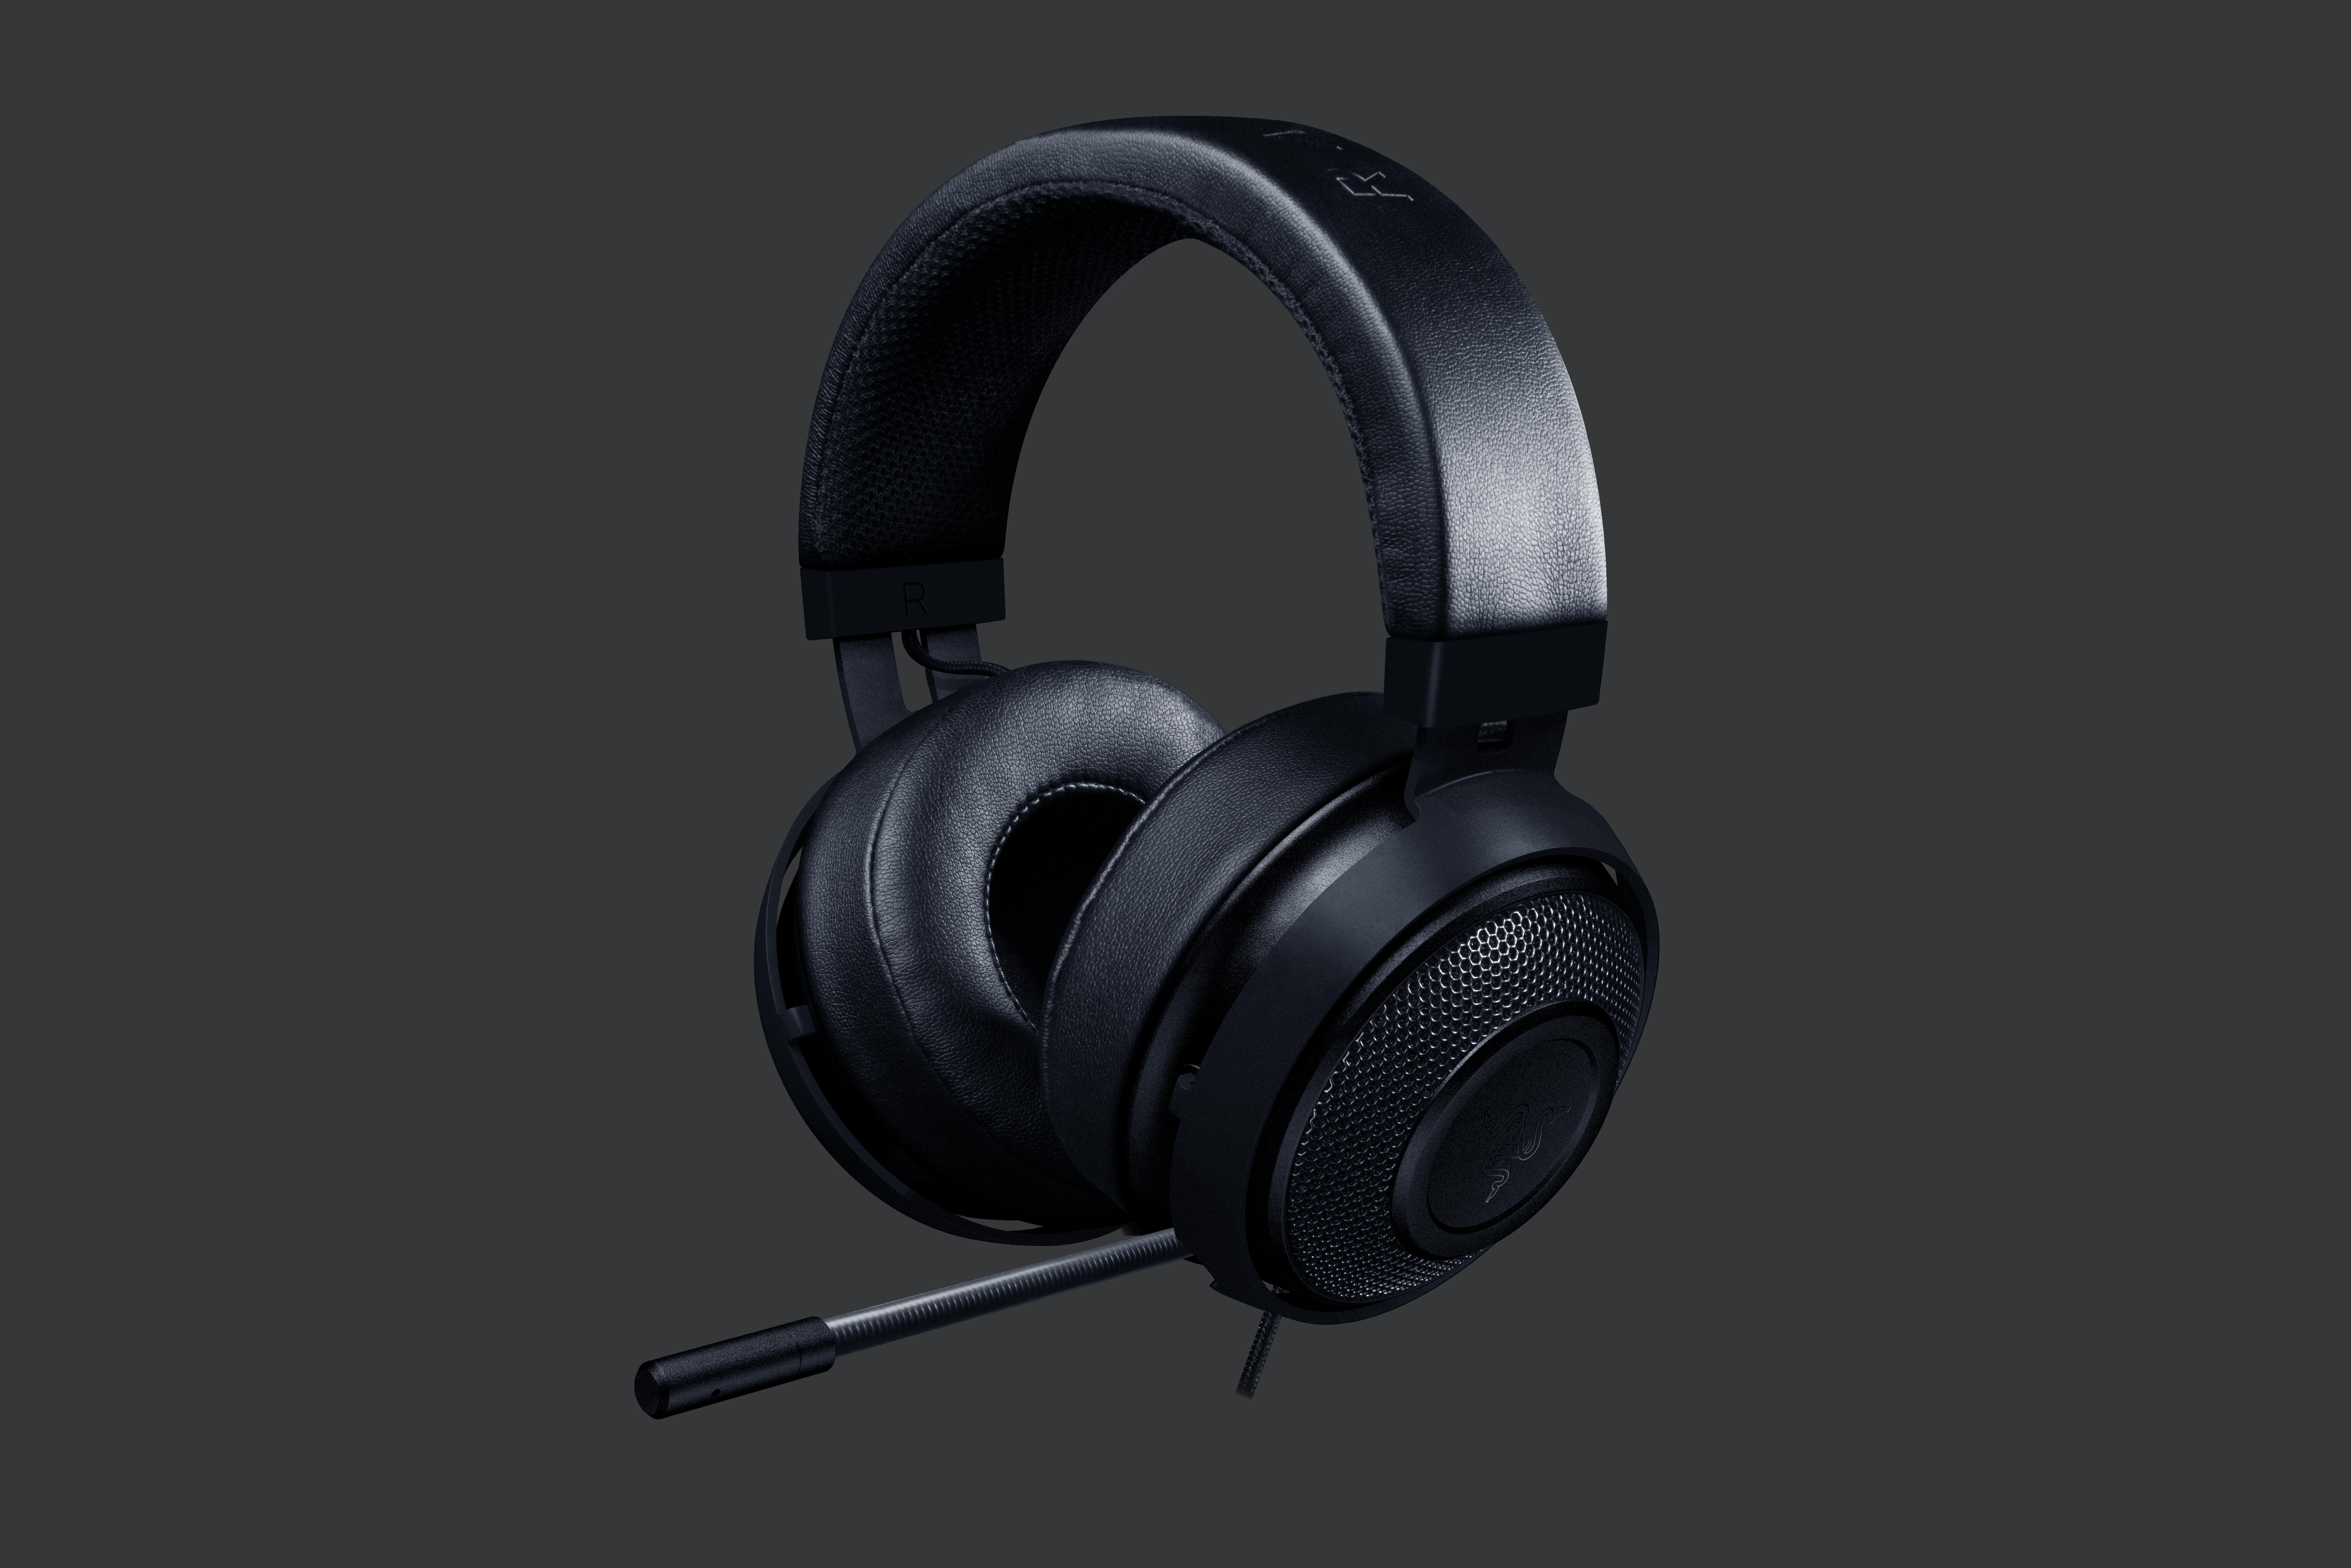 Razer Kraken headsets